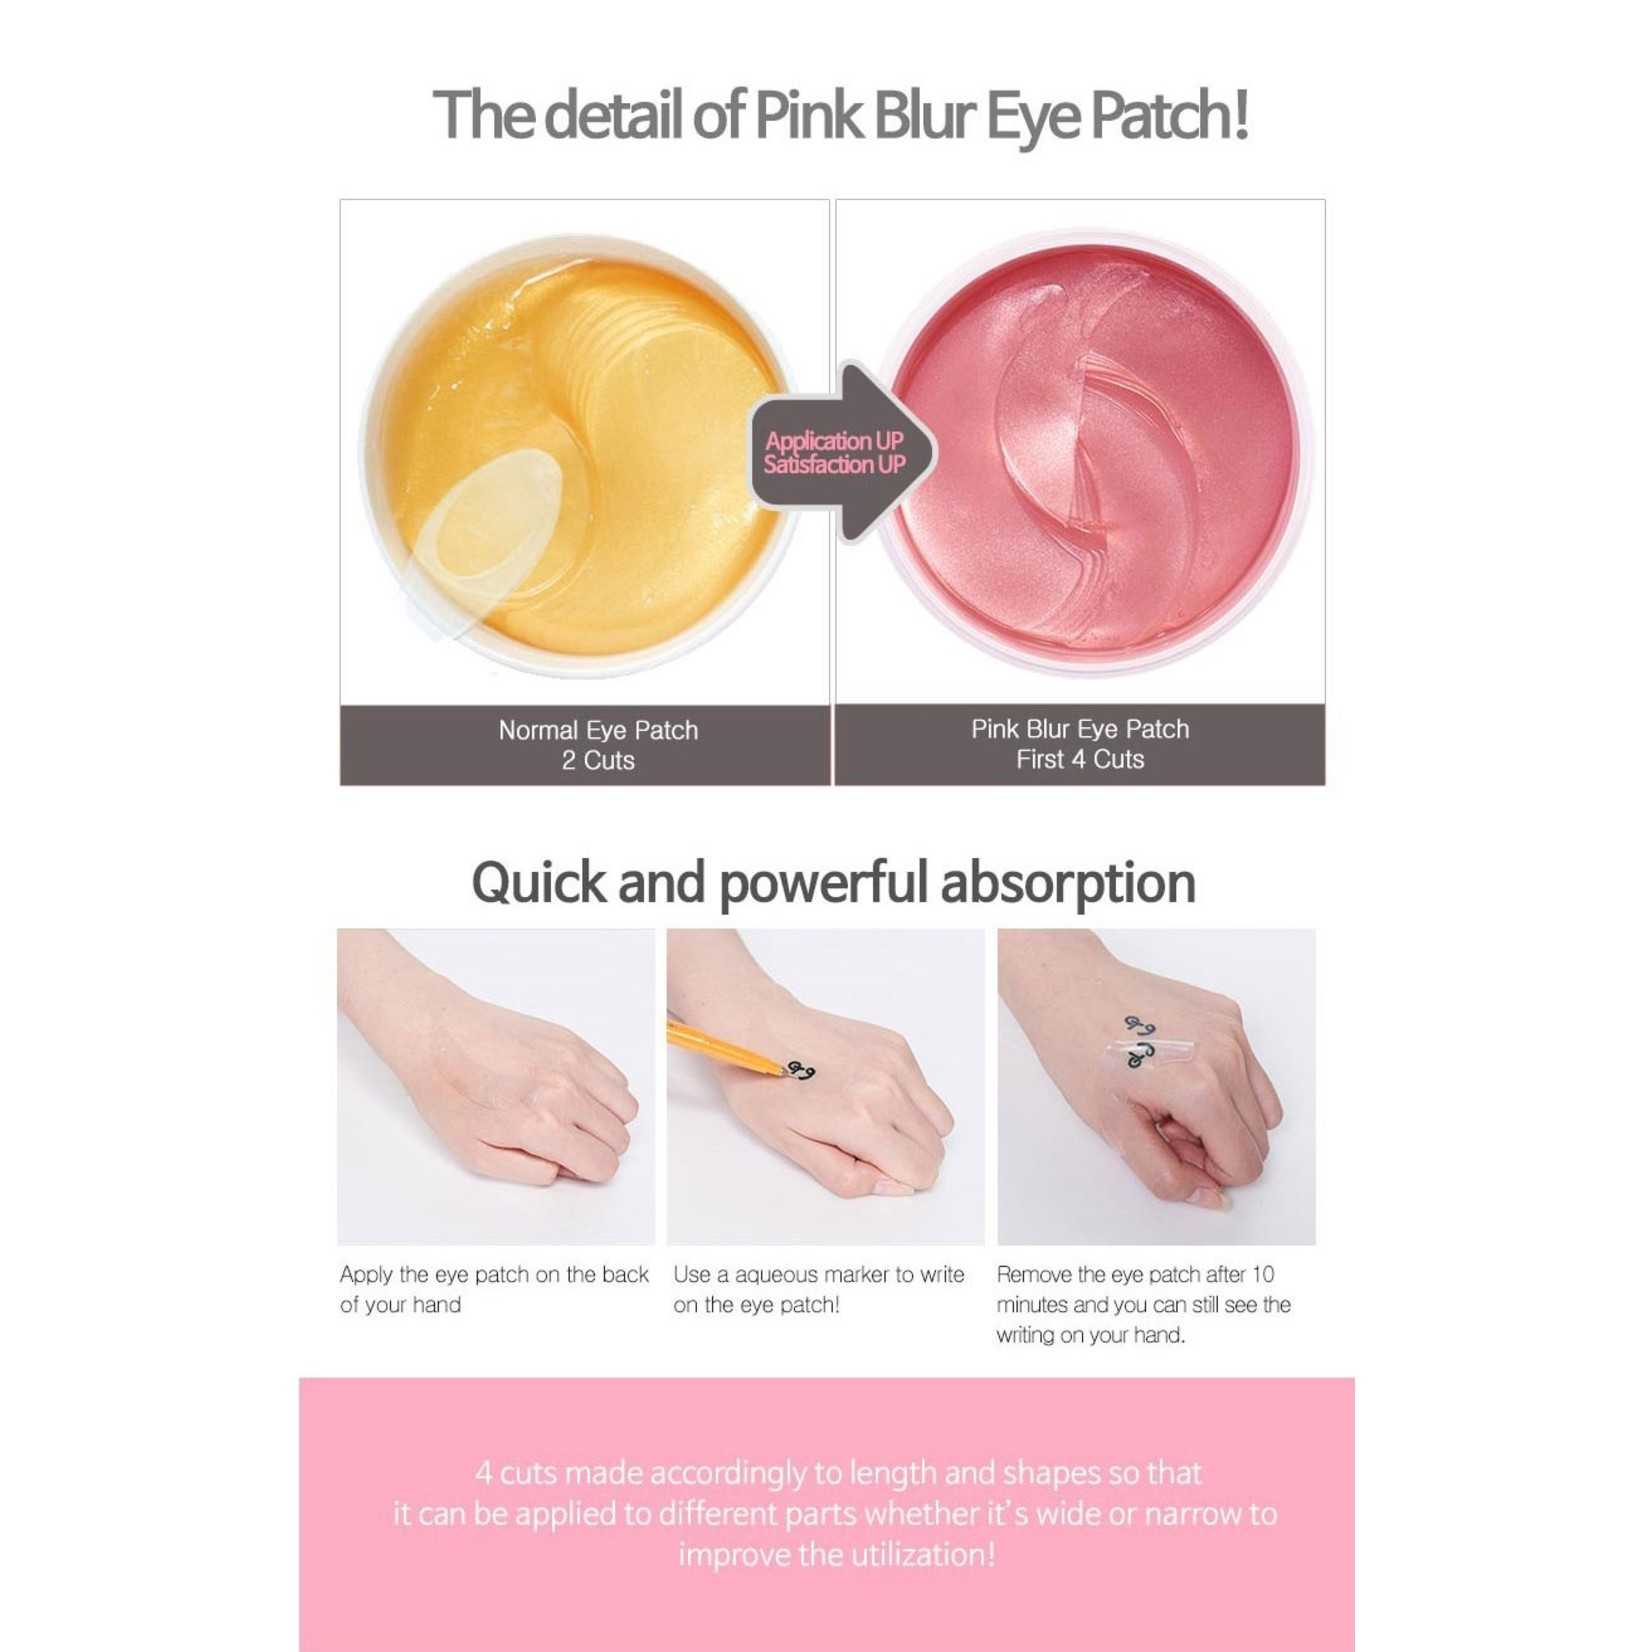 G9SKIN Pink Blur Hydrogel Eye Patch